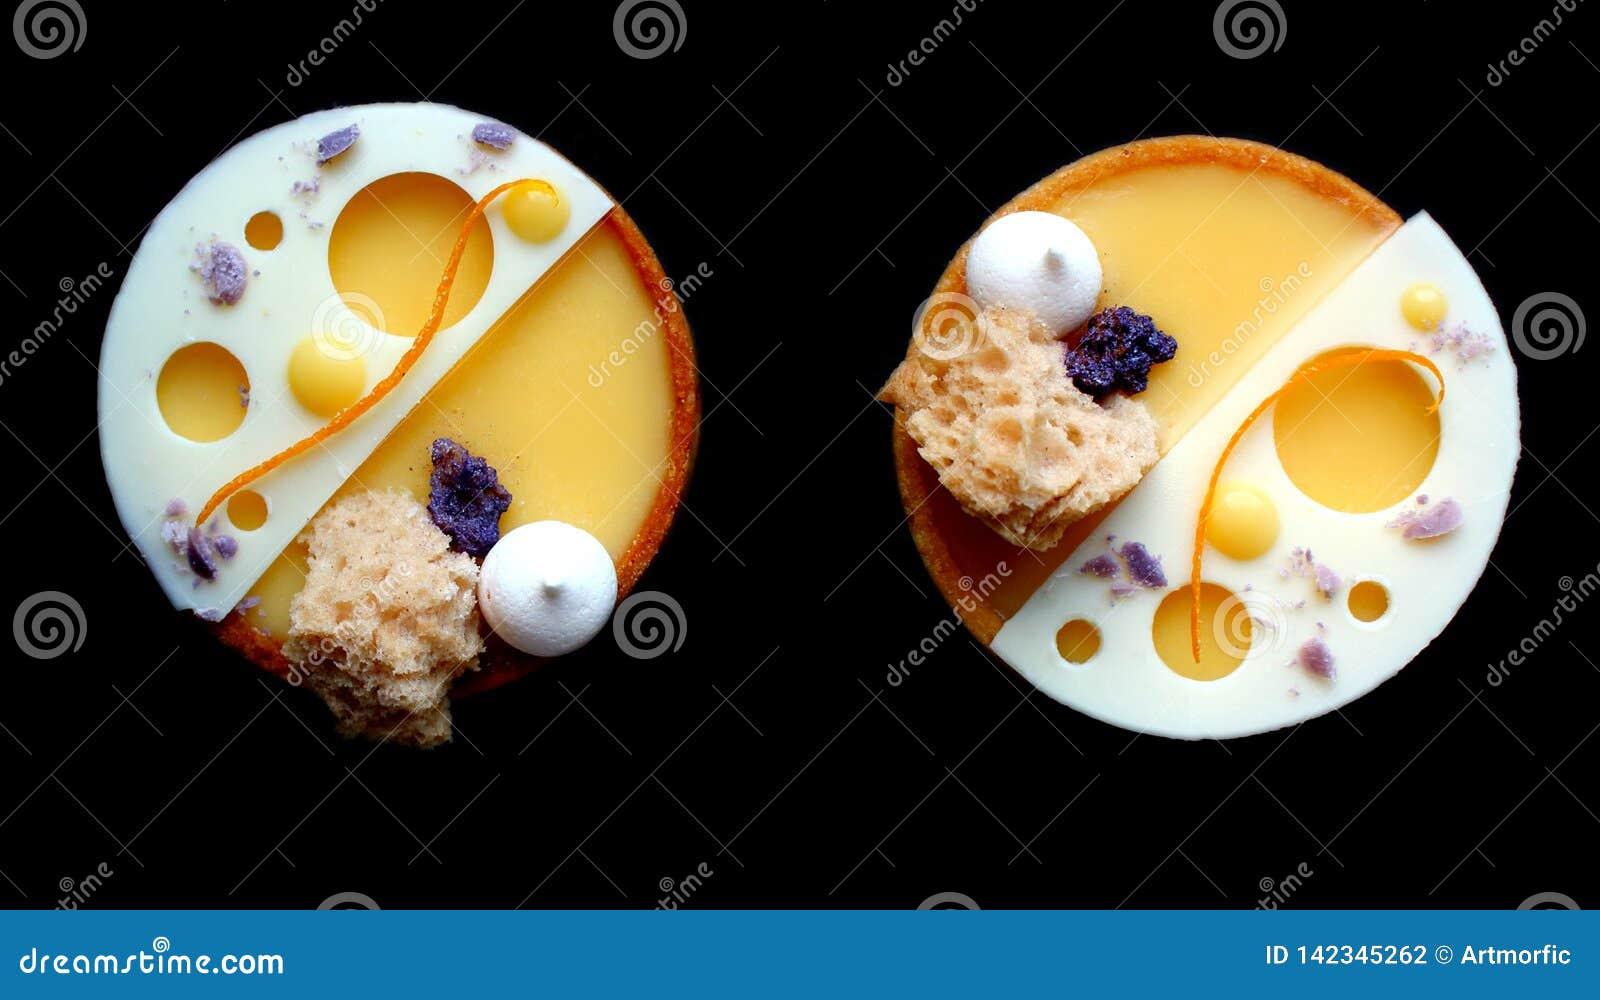 Оранжевые пироги с меренгами и белым шоколадом на черной предпосылке